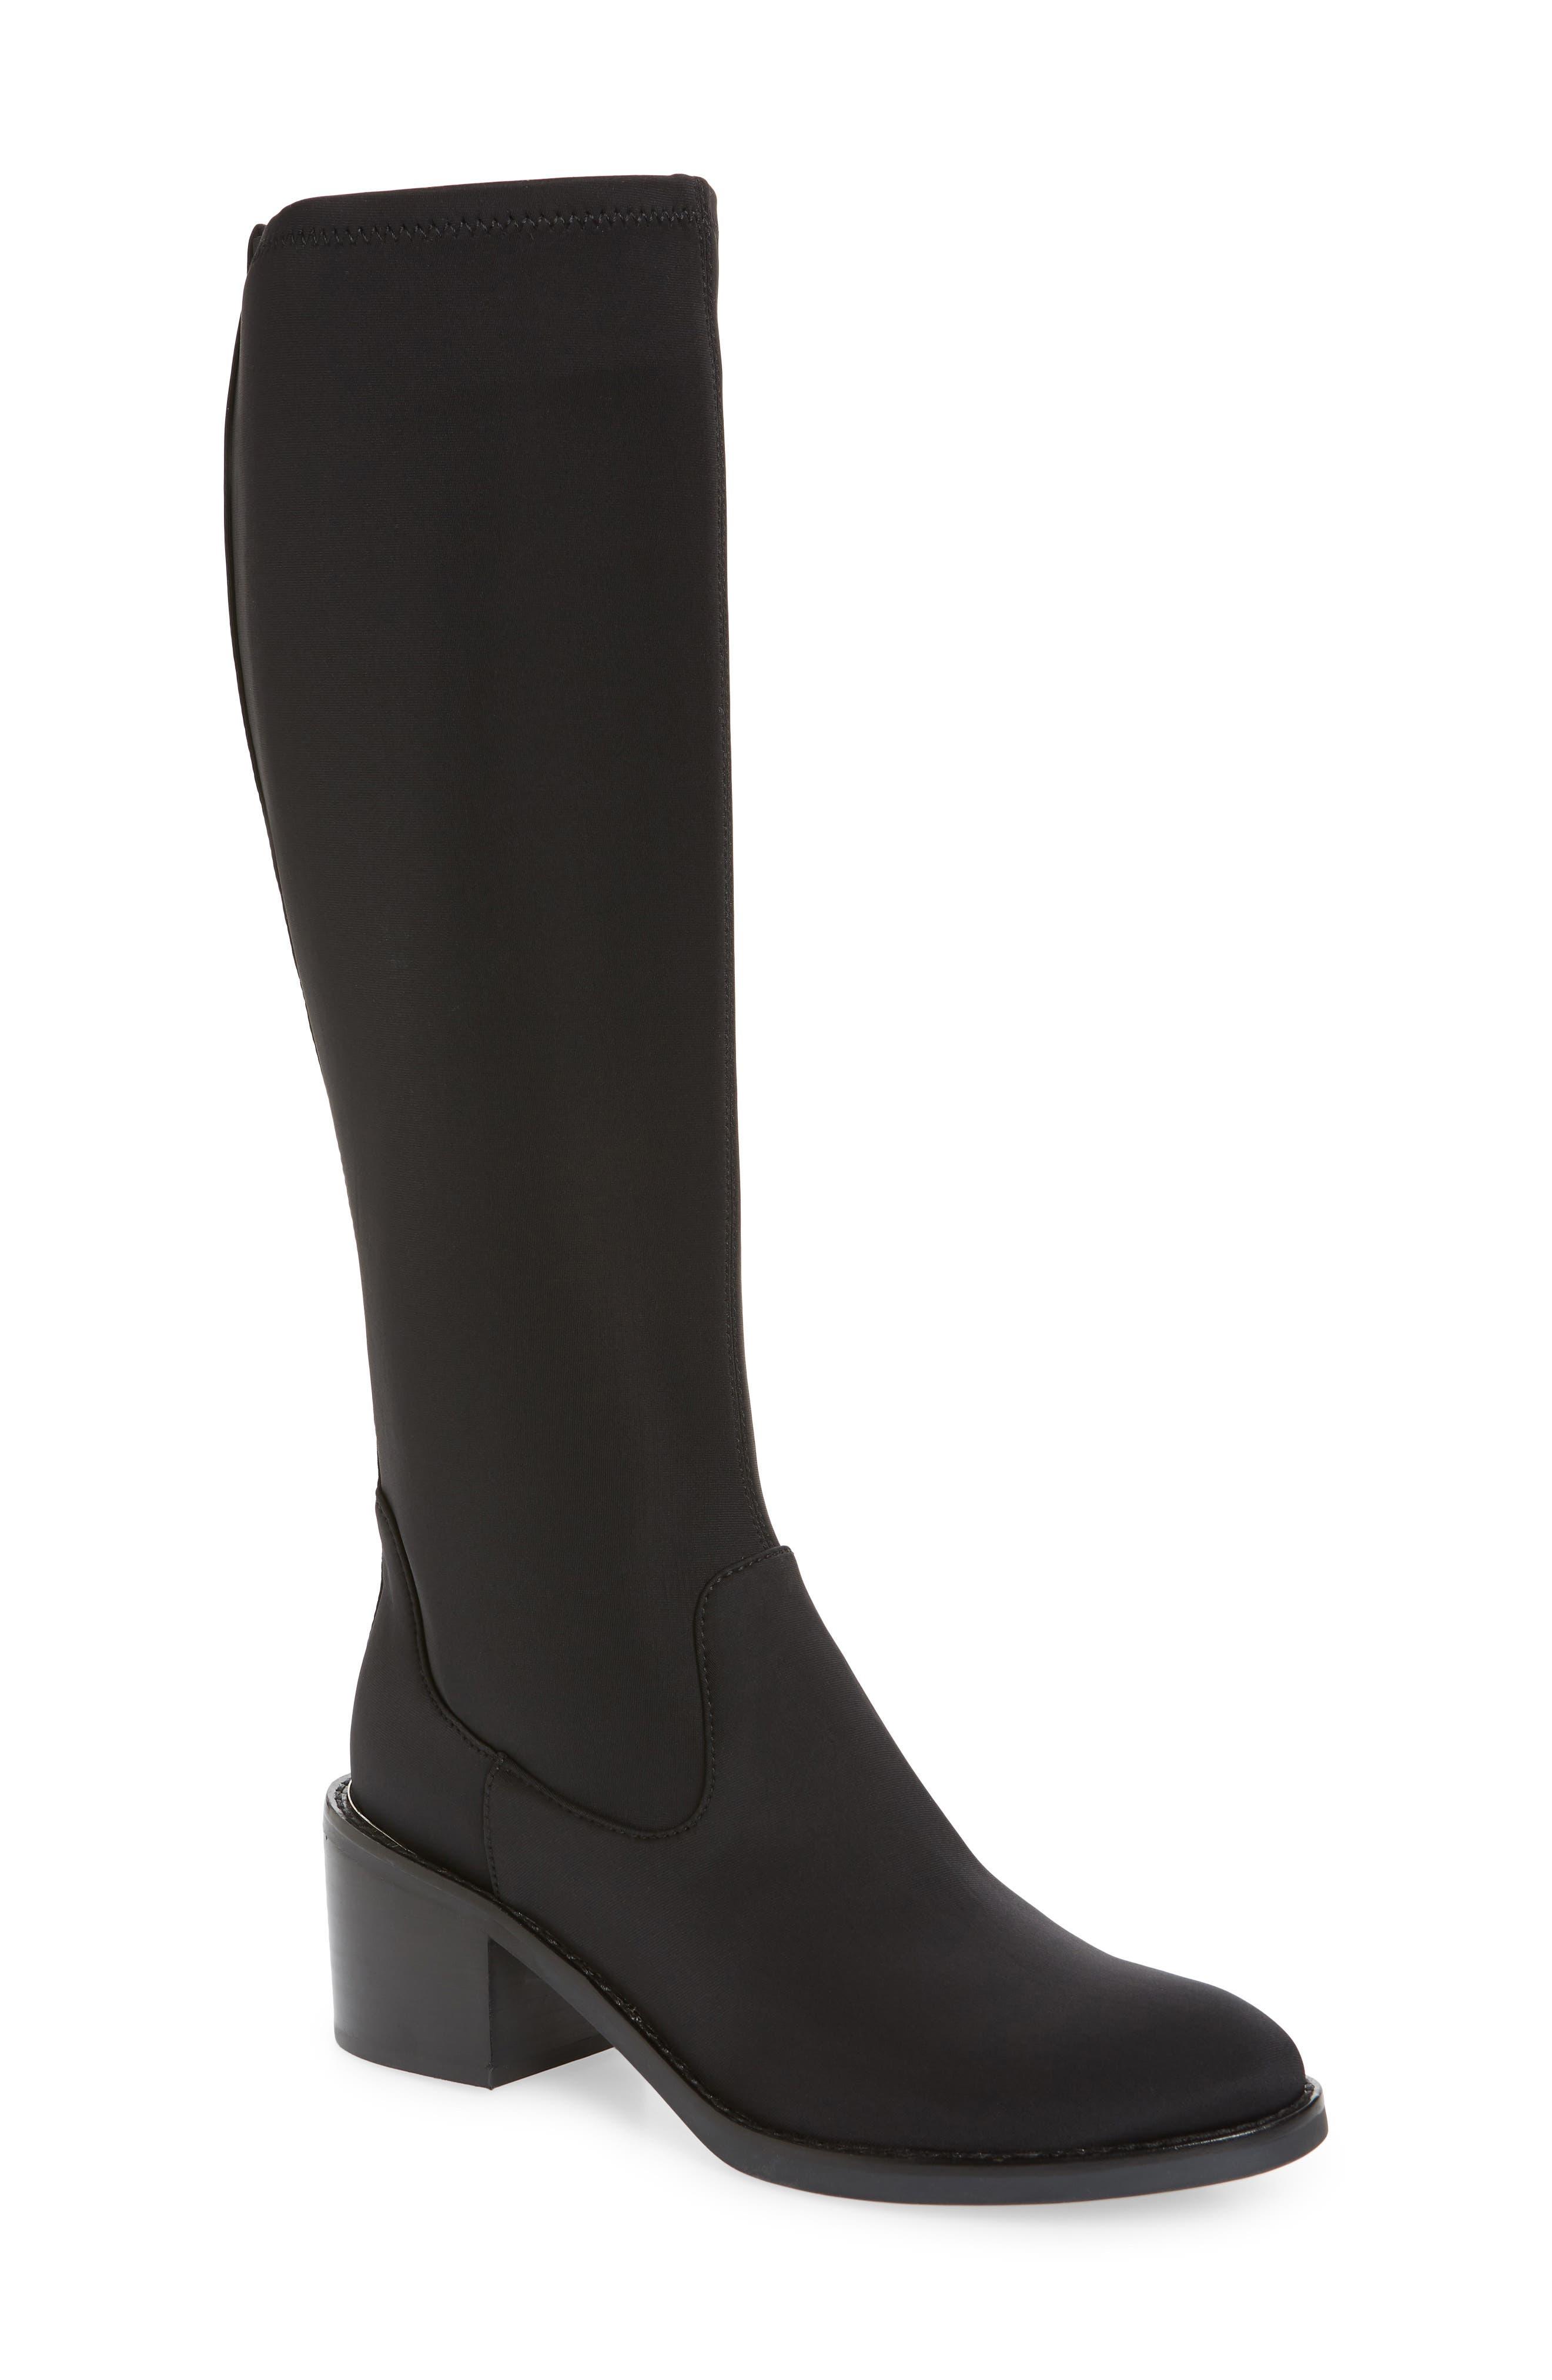 Image of Donald Pliner Deno Knee High Block Heel Boot